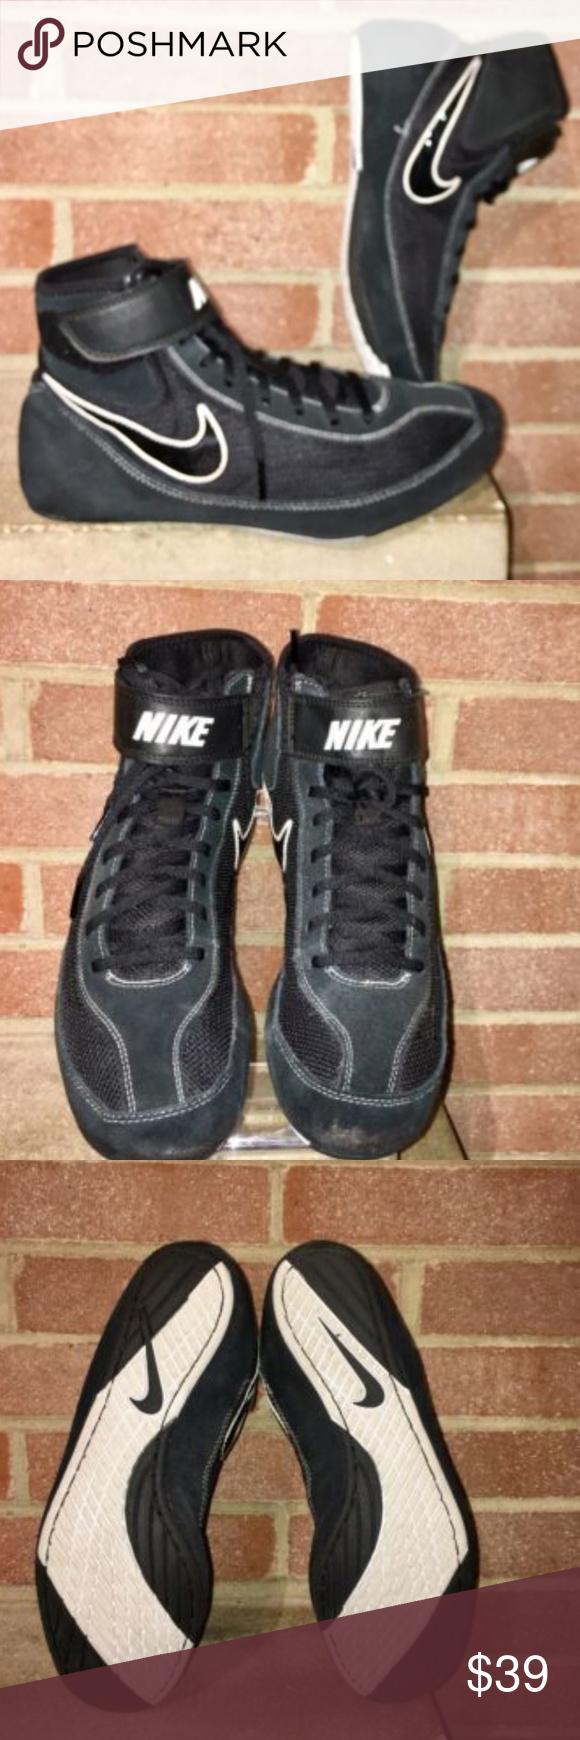 detailed look 825bd b26c4 Nike Mens Speed Sweep VII Wrestling Shoes Black NIKE Speed Sweep VII  Black White Wrestling